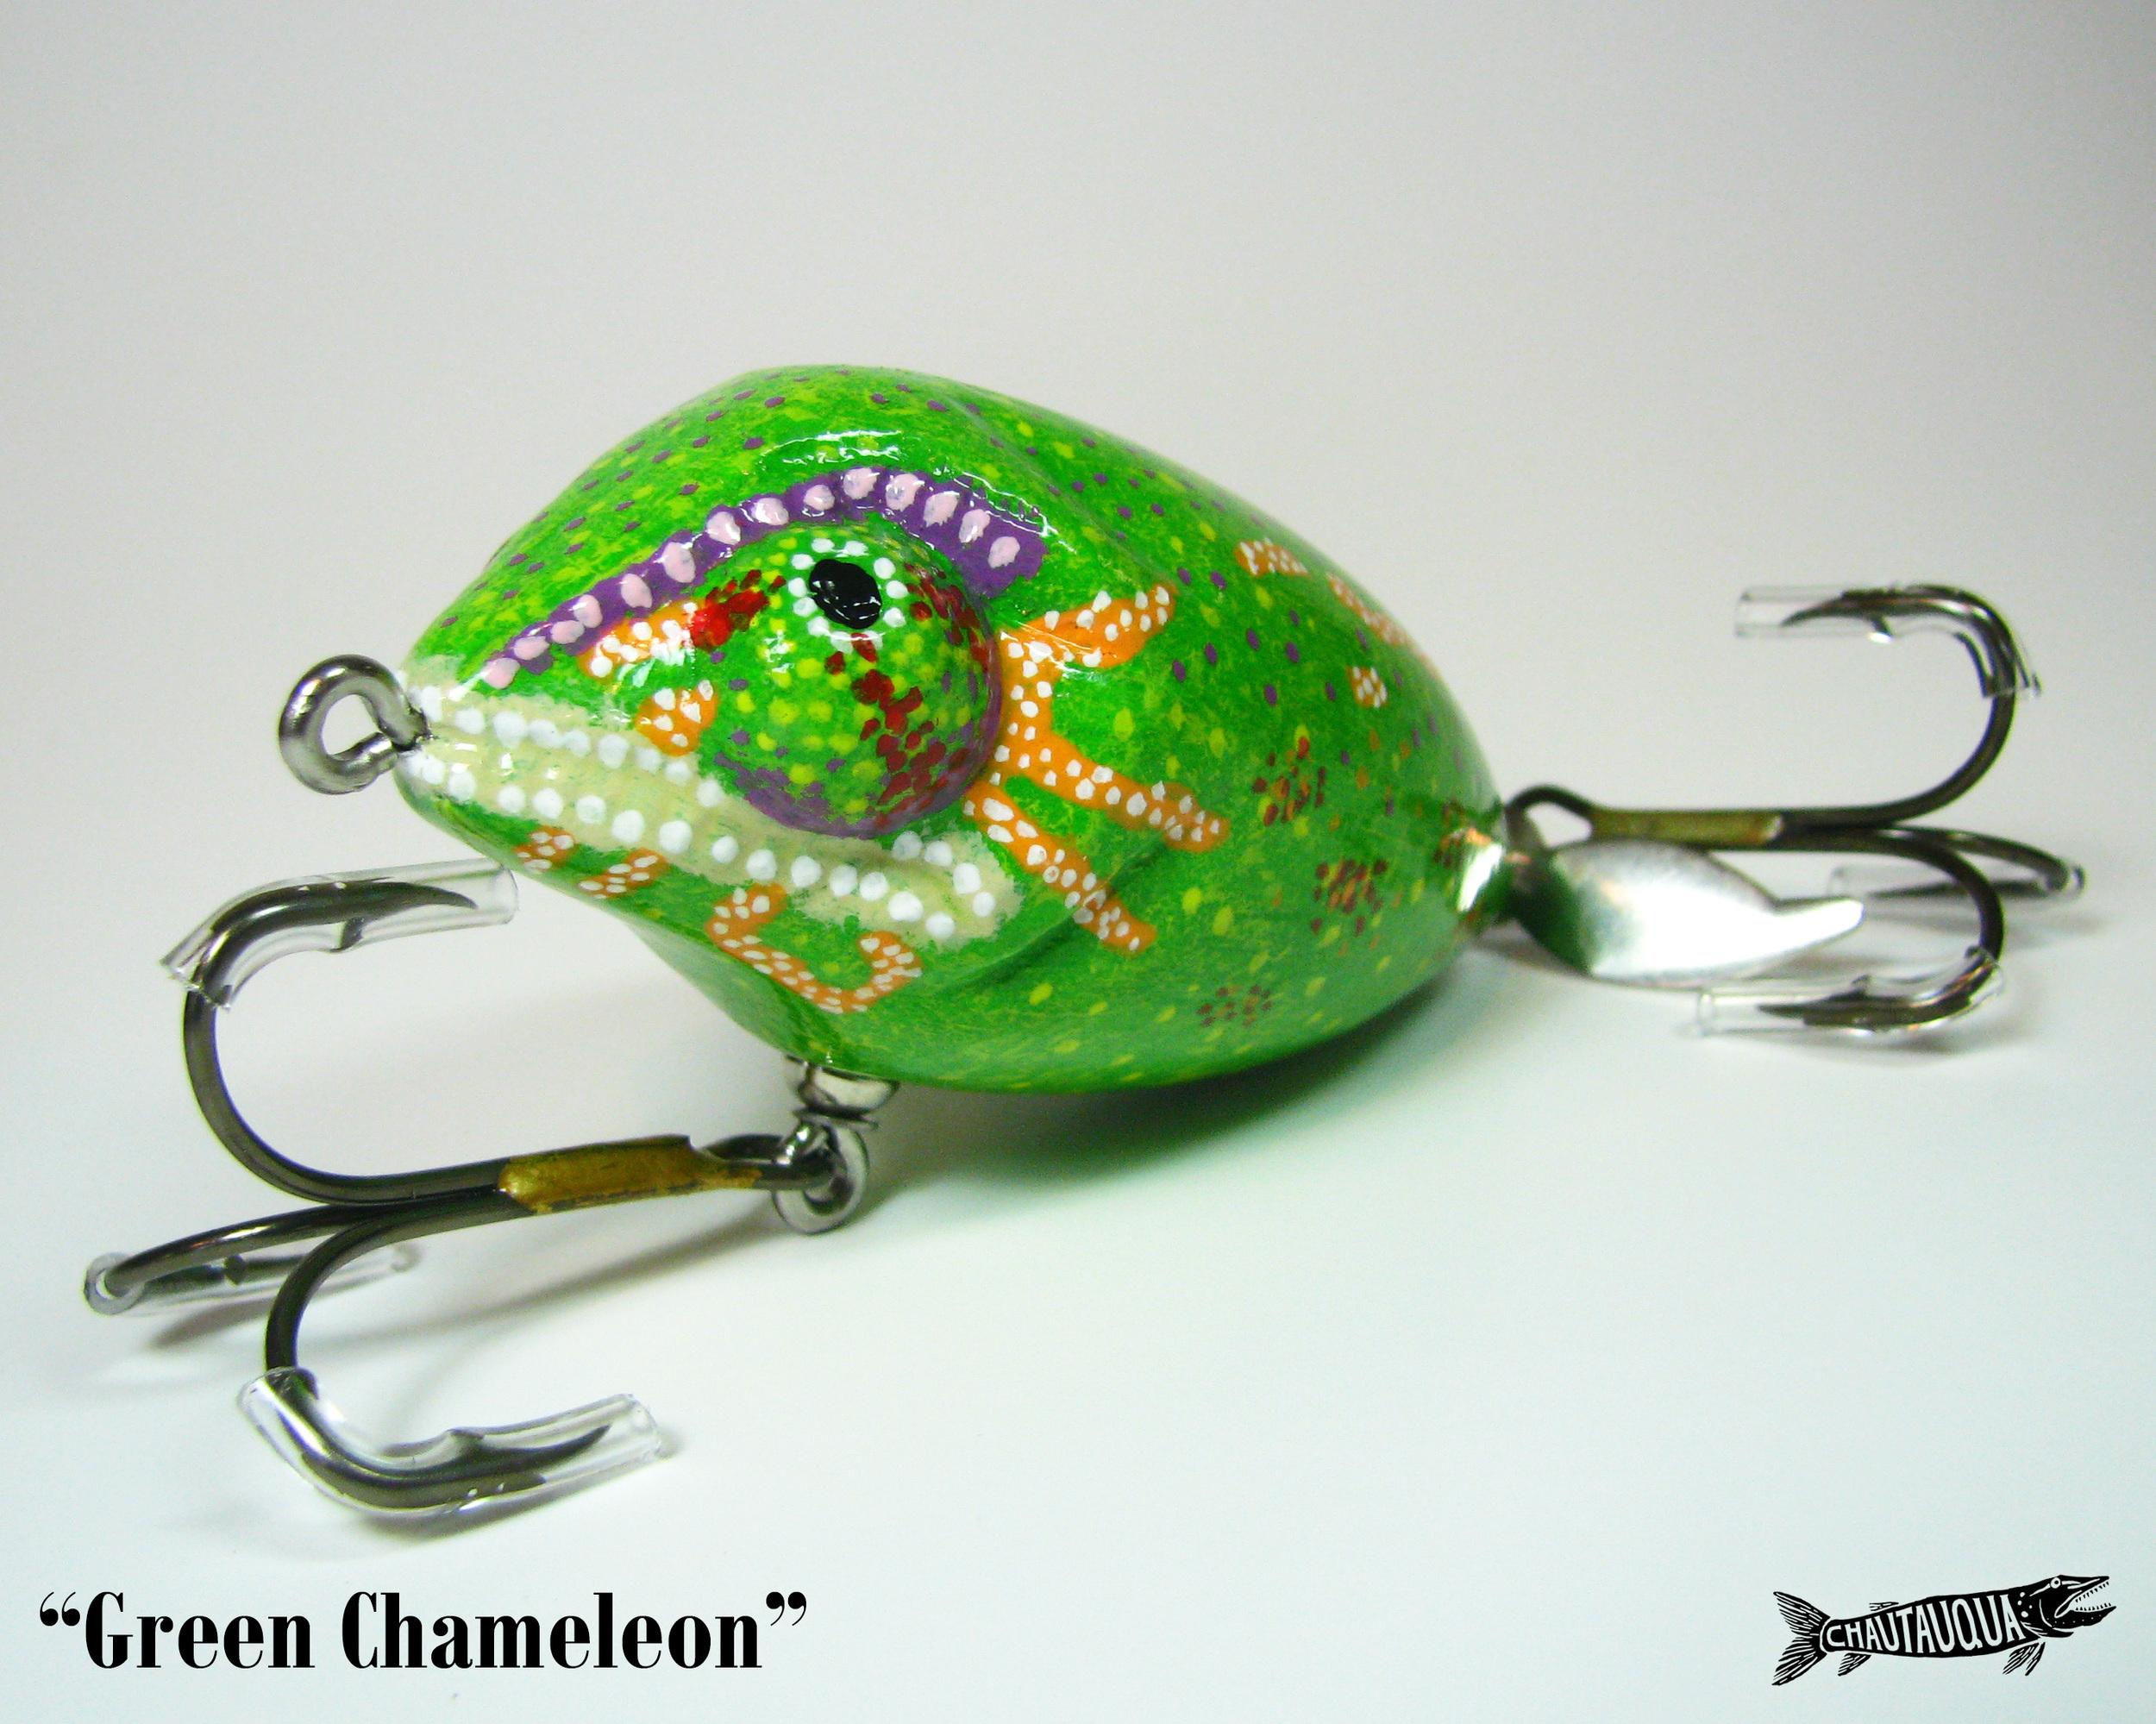 Green Chameleon2.jpg